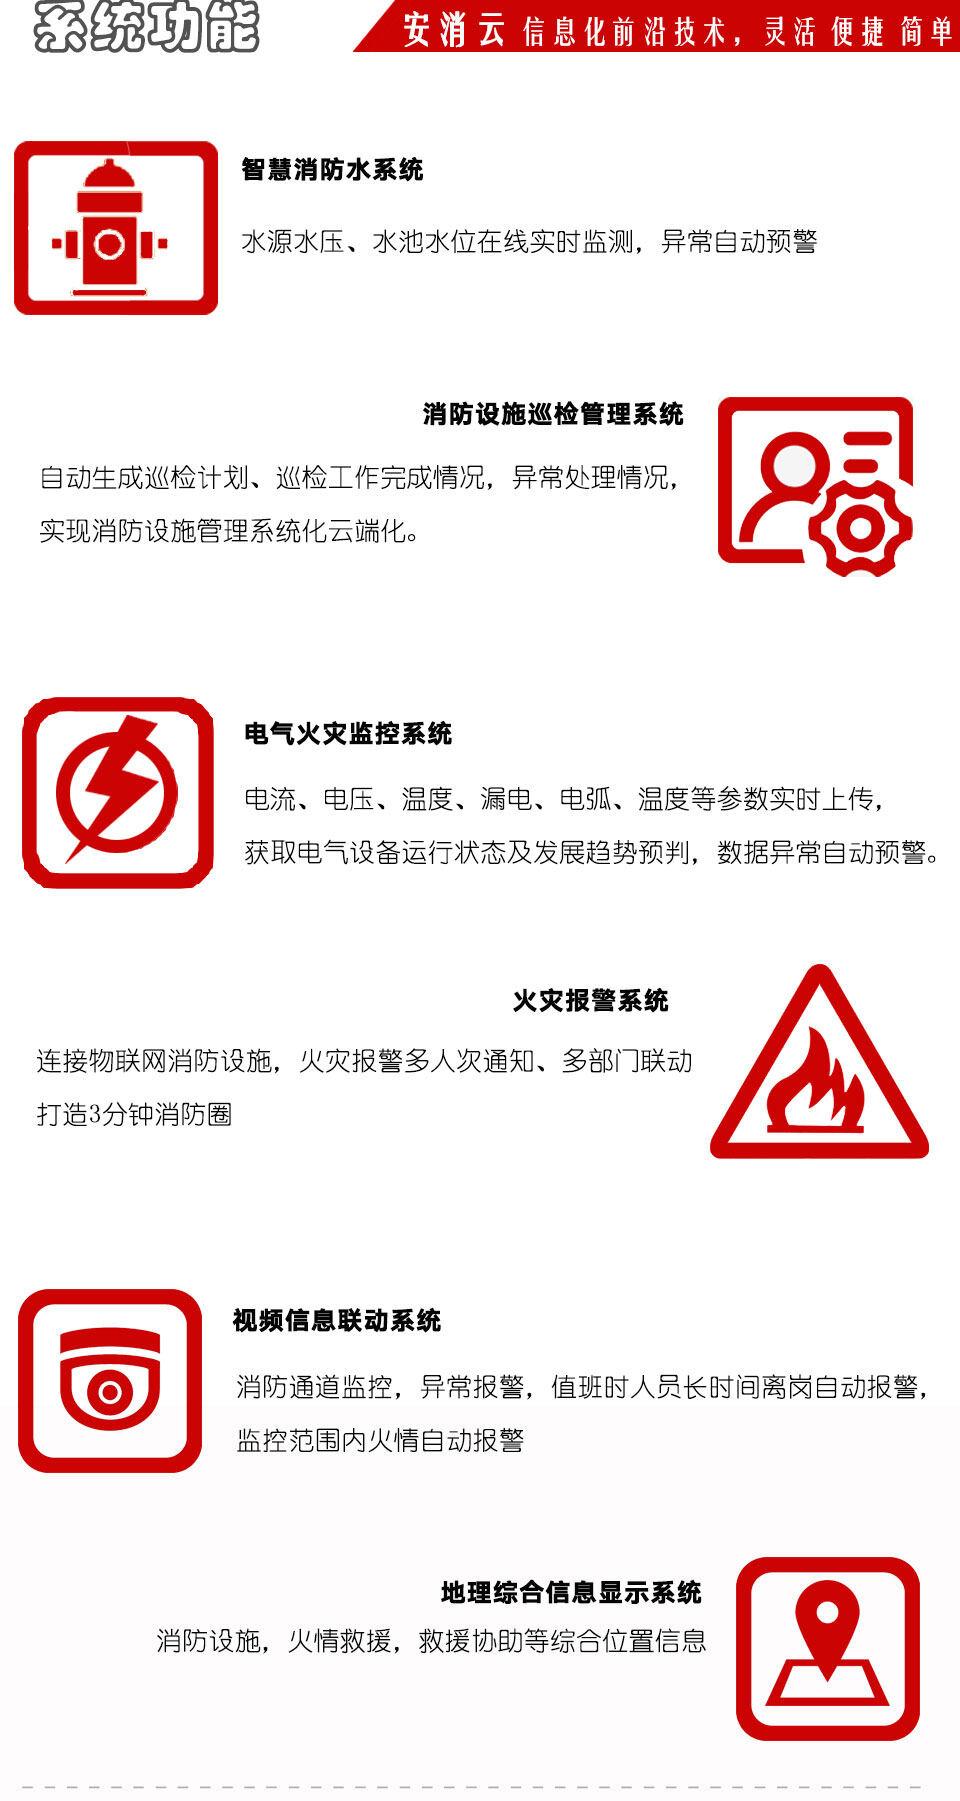 智慧消防安全服务云平台系统功能